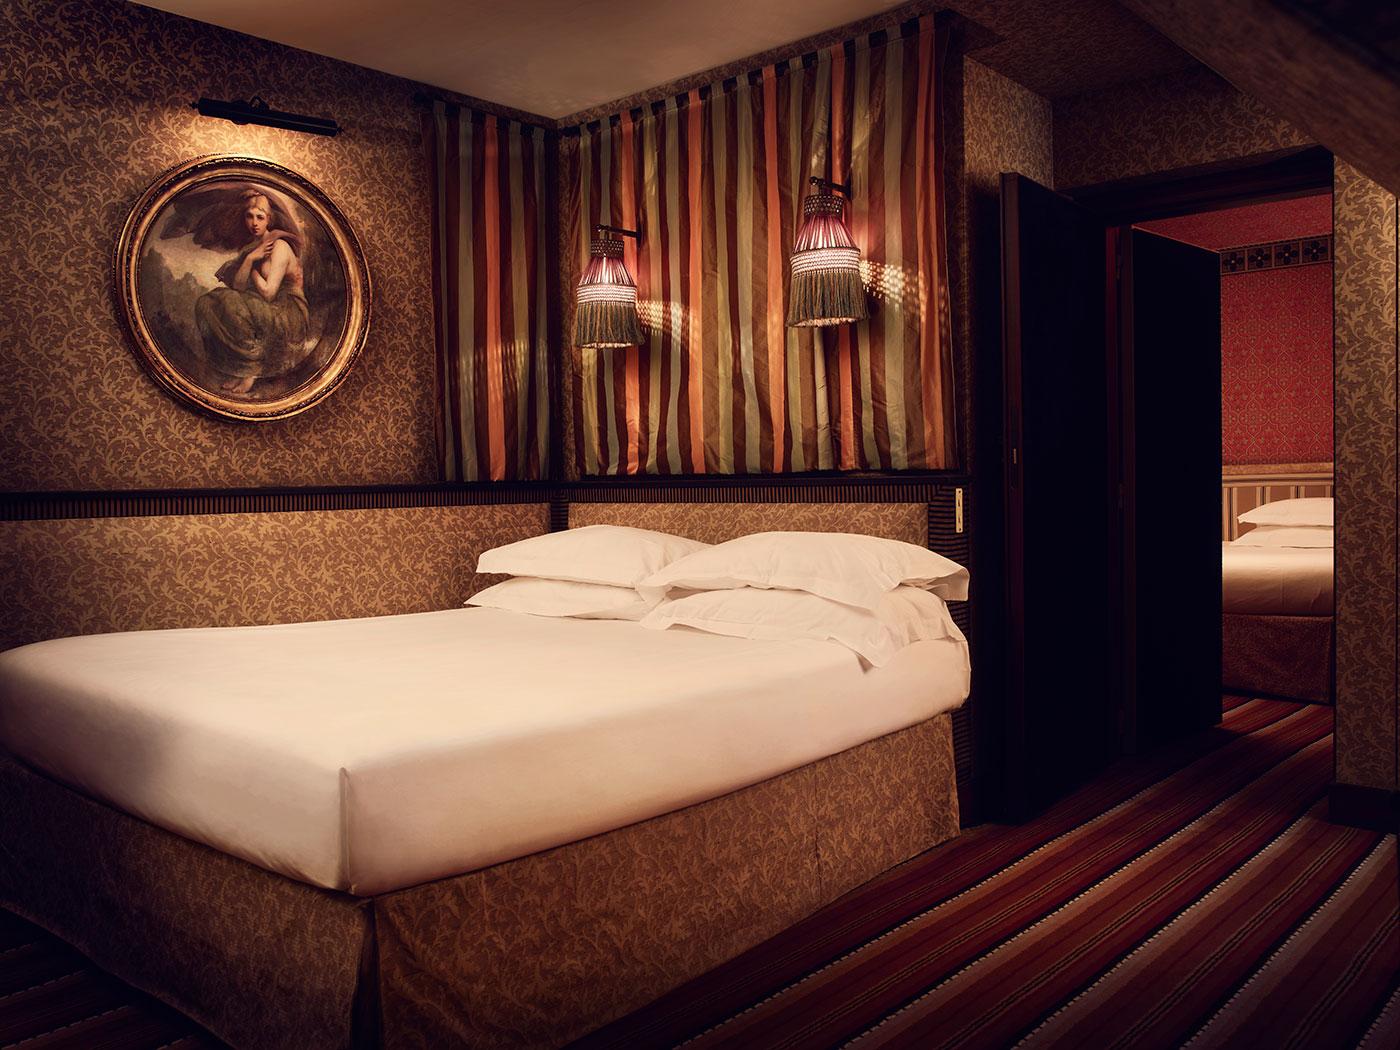 01-hotel-4-etoiles-marais-suite